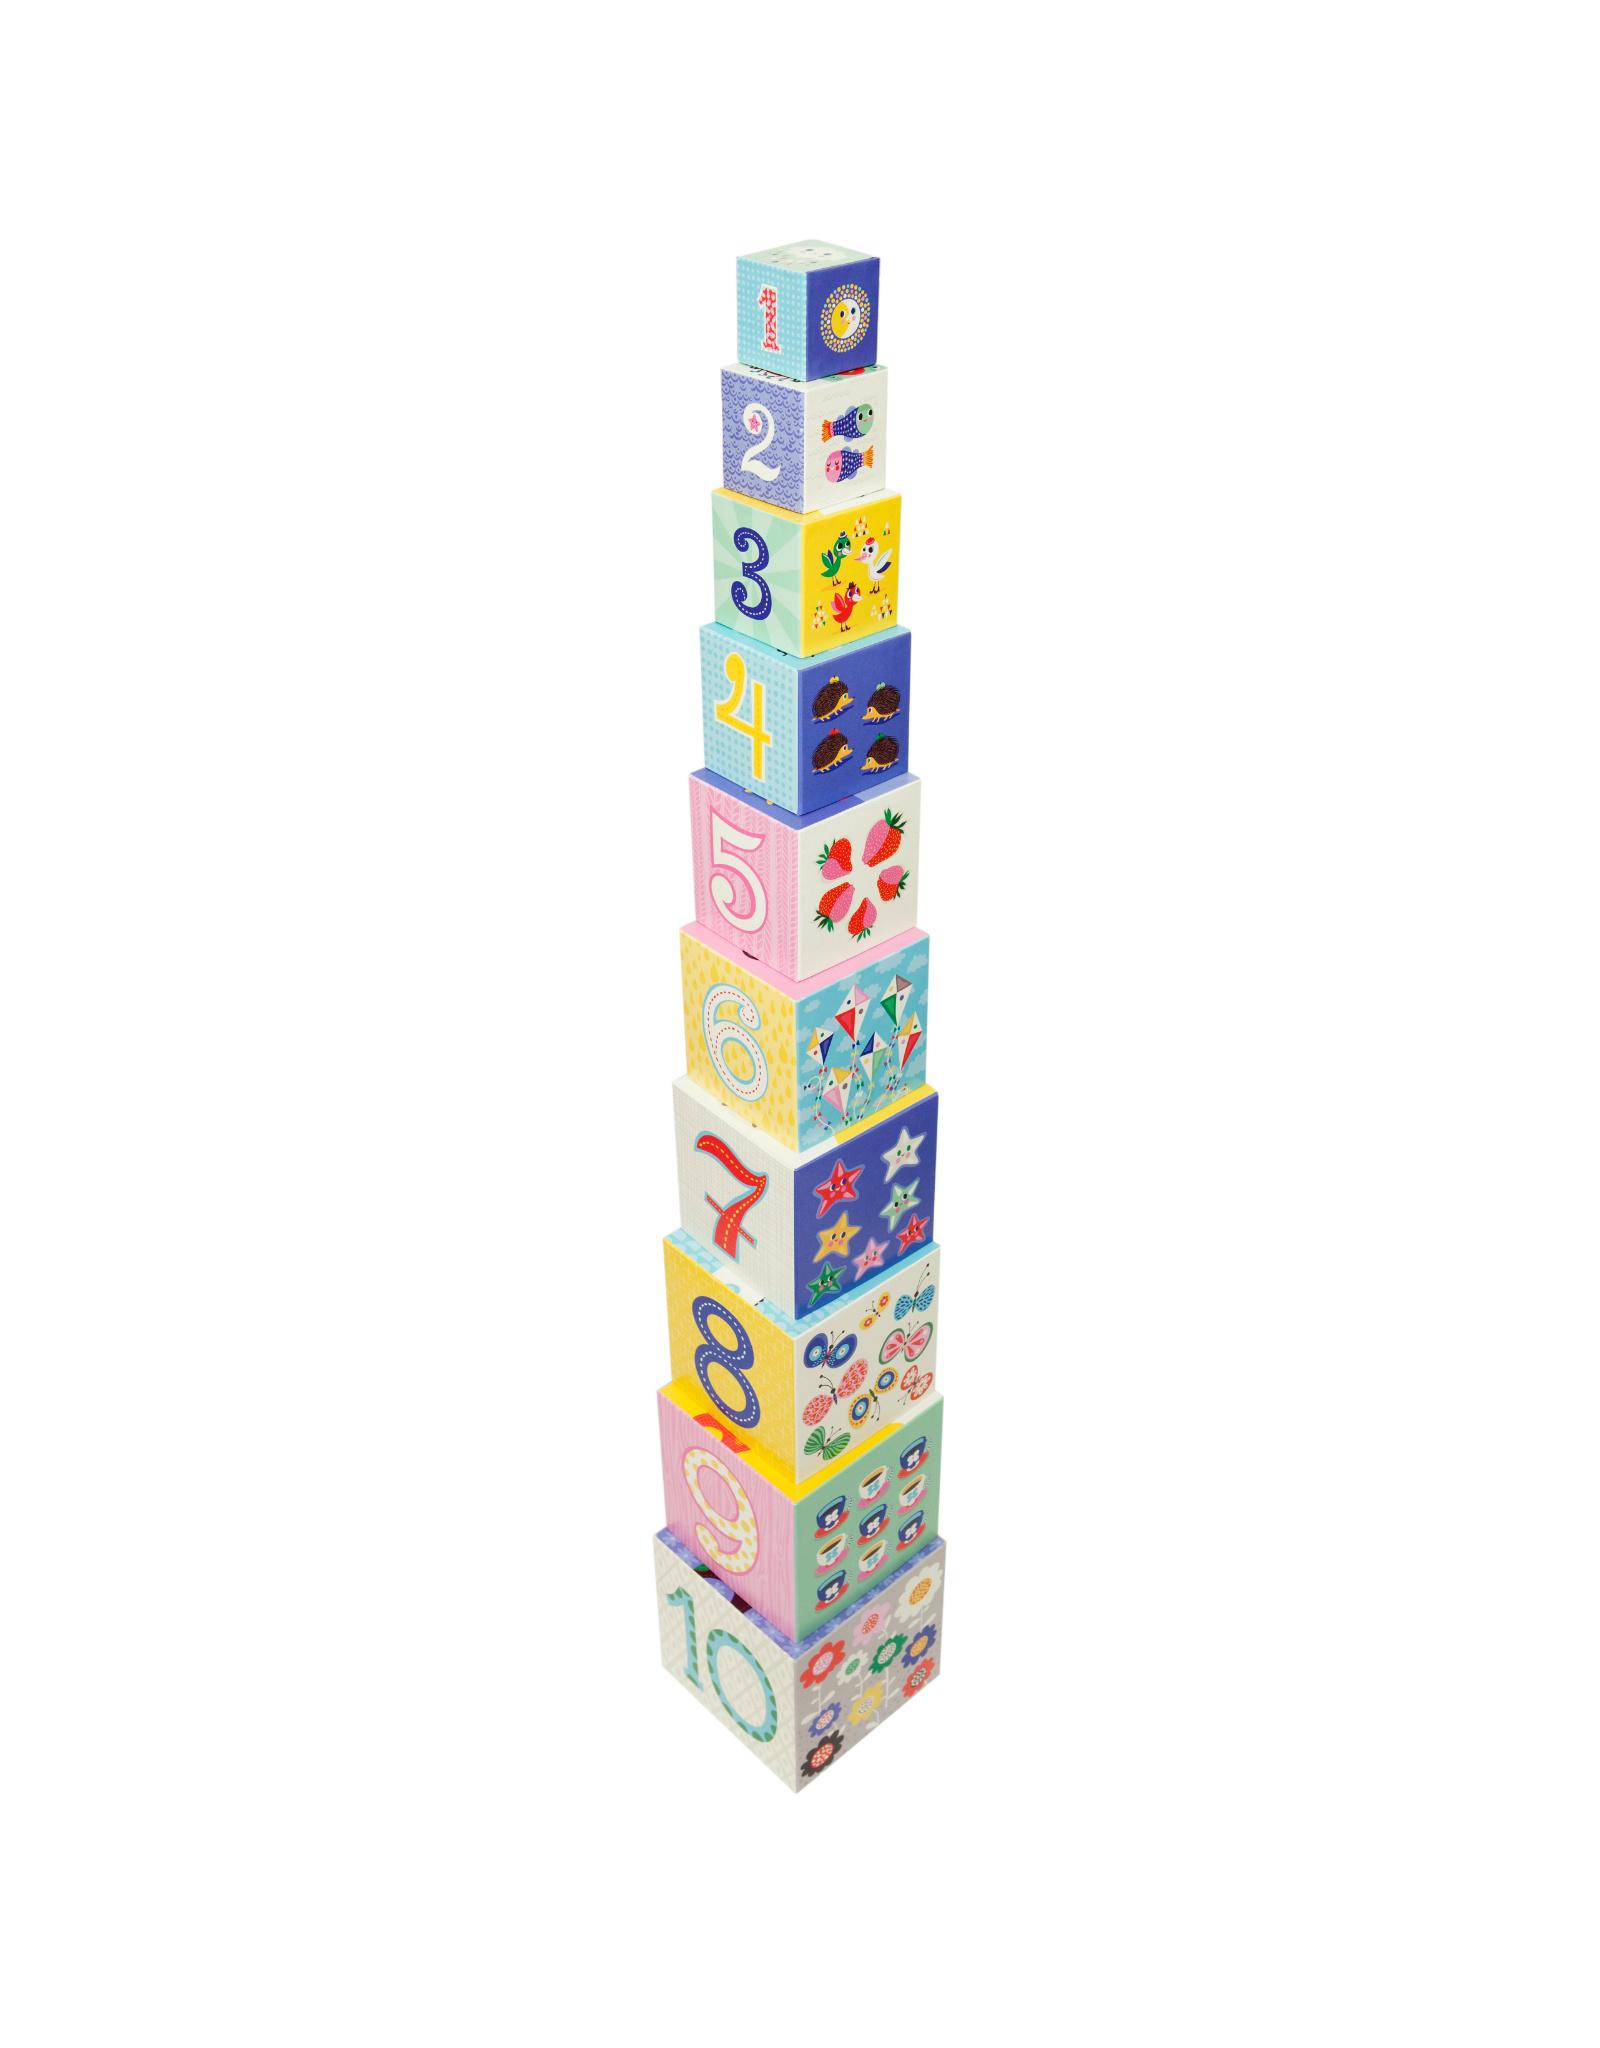 Cubes À Empiler - Lettres, Chiffres, Animaux Et Objets dedans Gros Chiffres À Imprimer